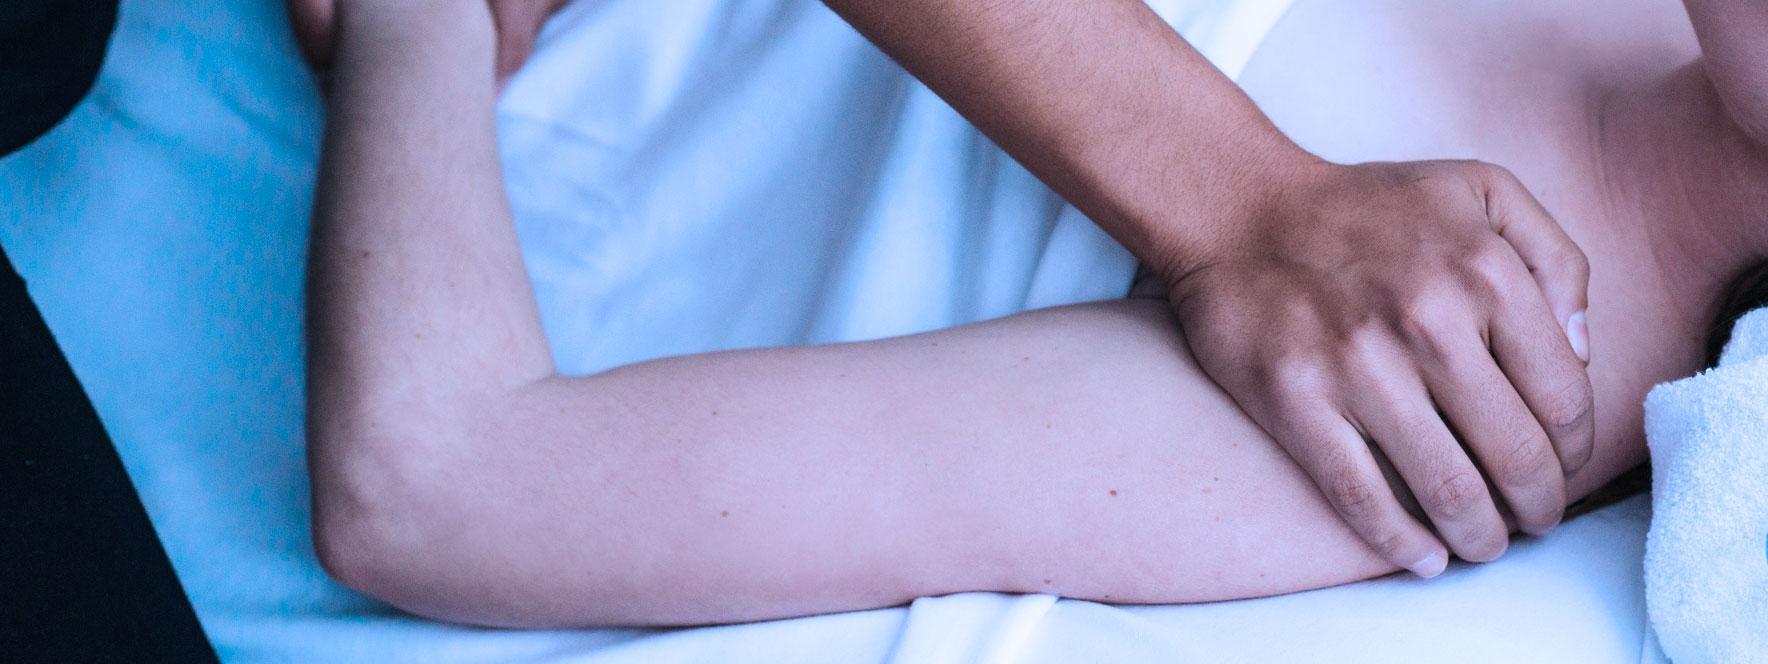 Face au client à la recherche du massage miracle - Blogue du Réseau